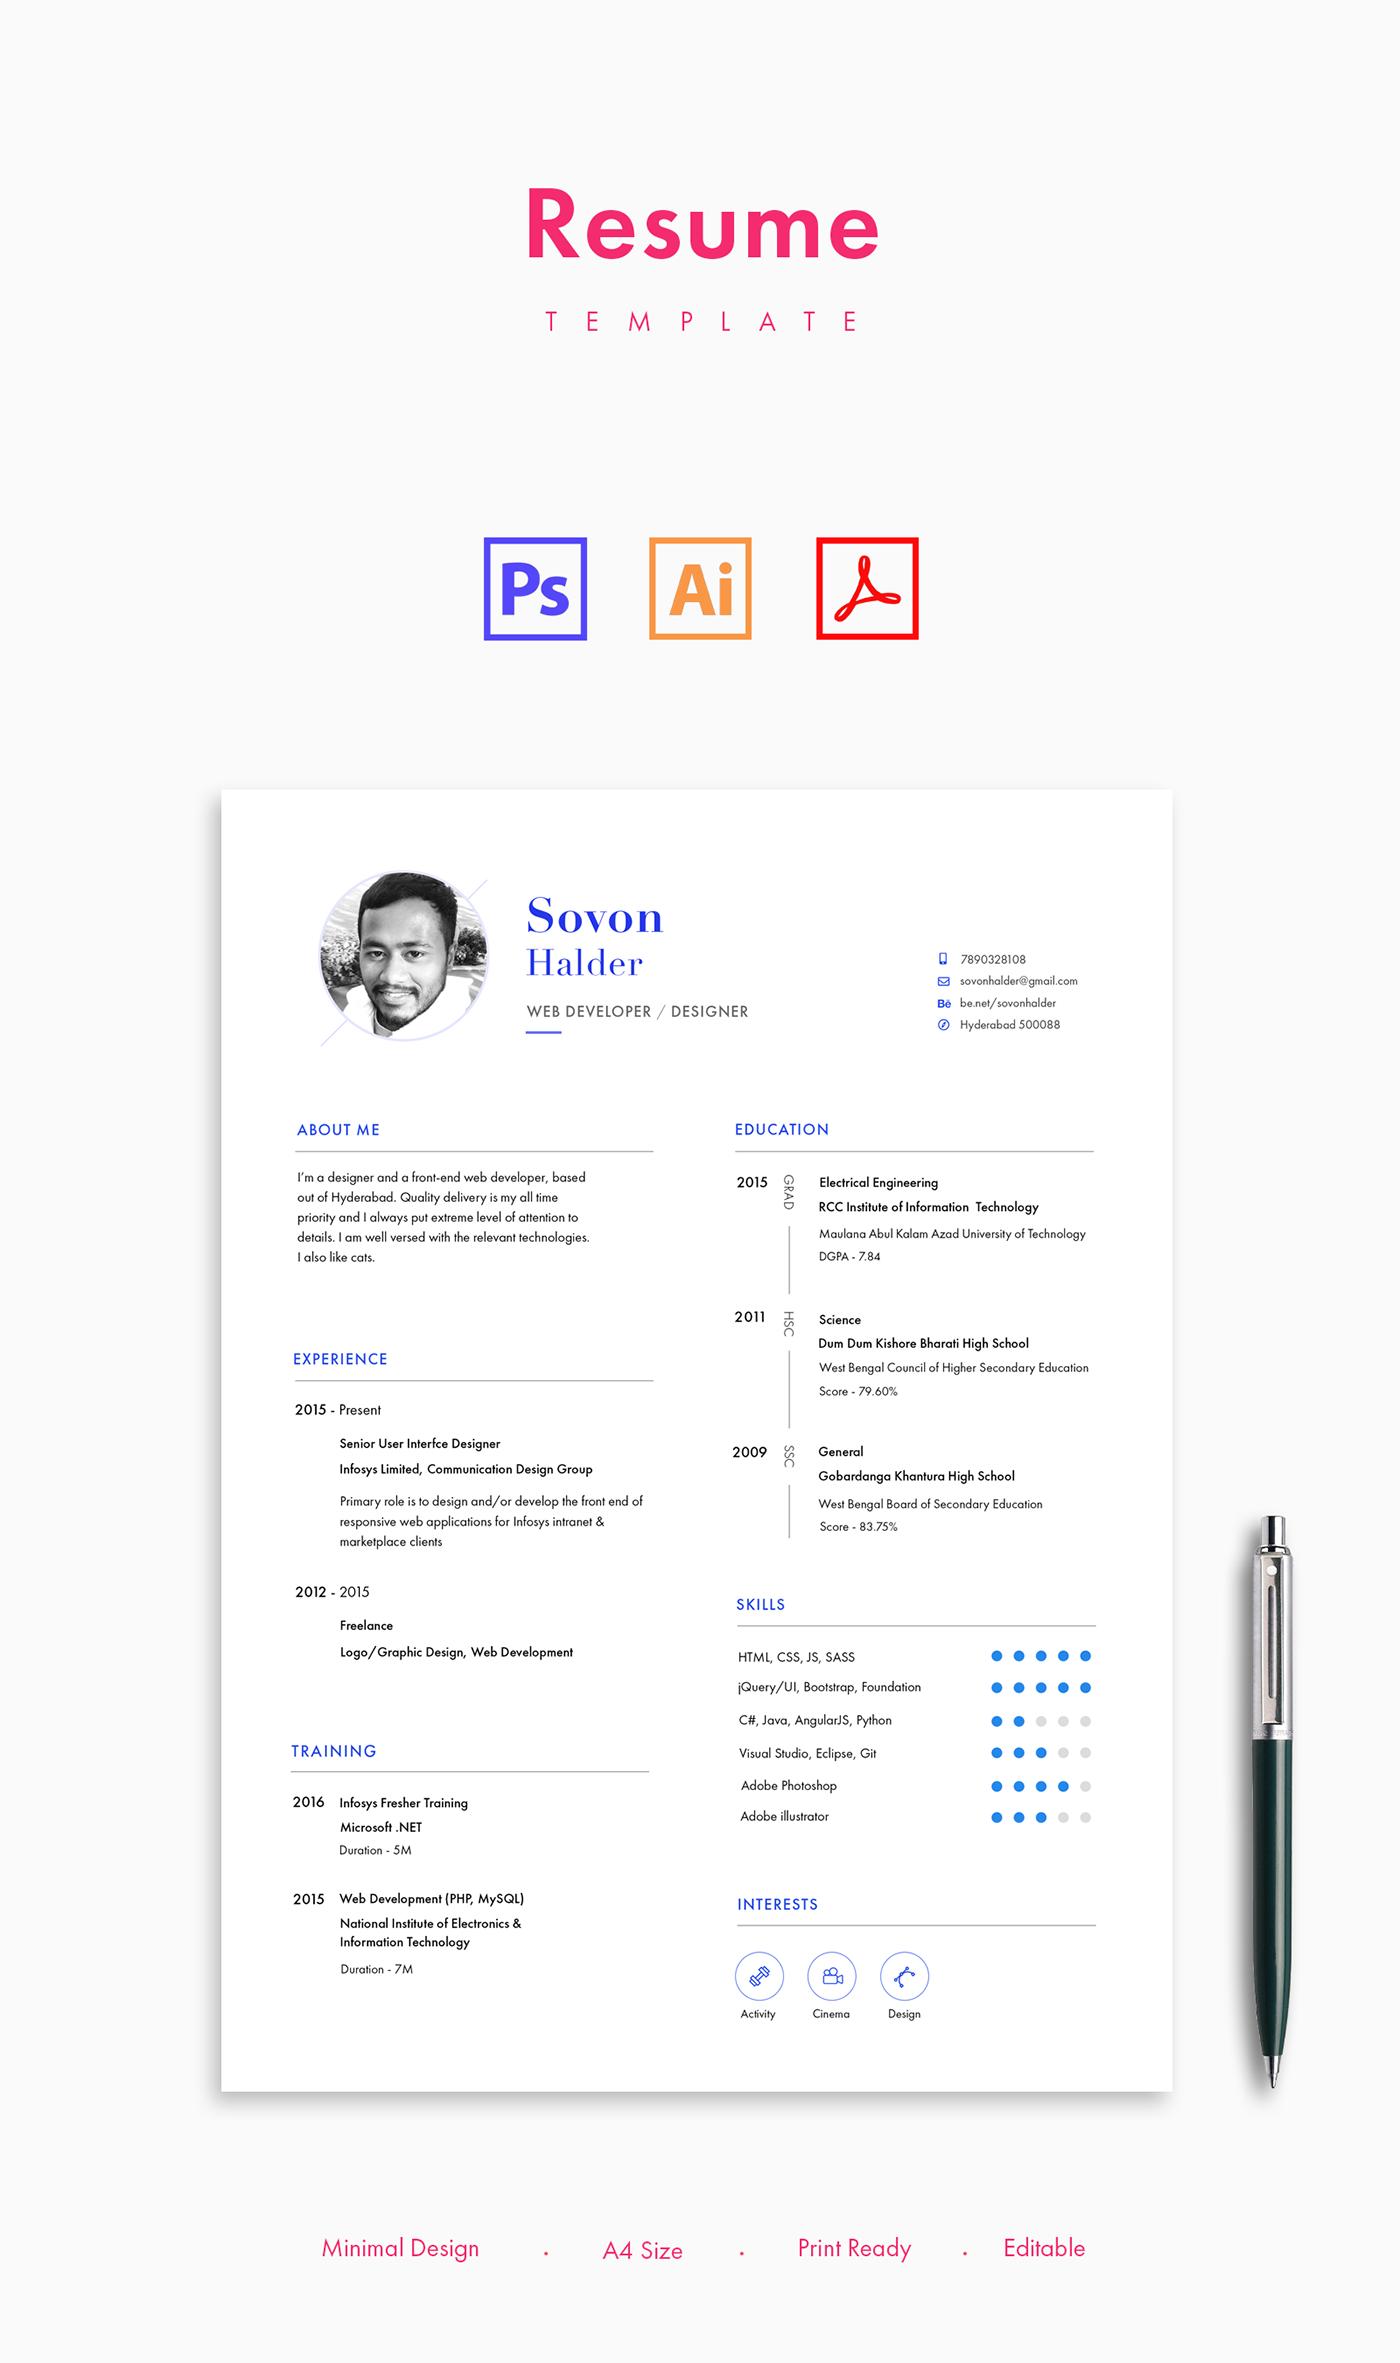 minimal,free,Resume,clean